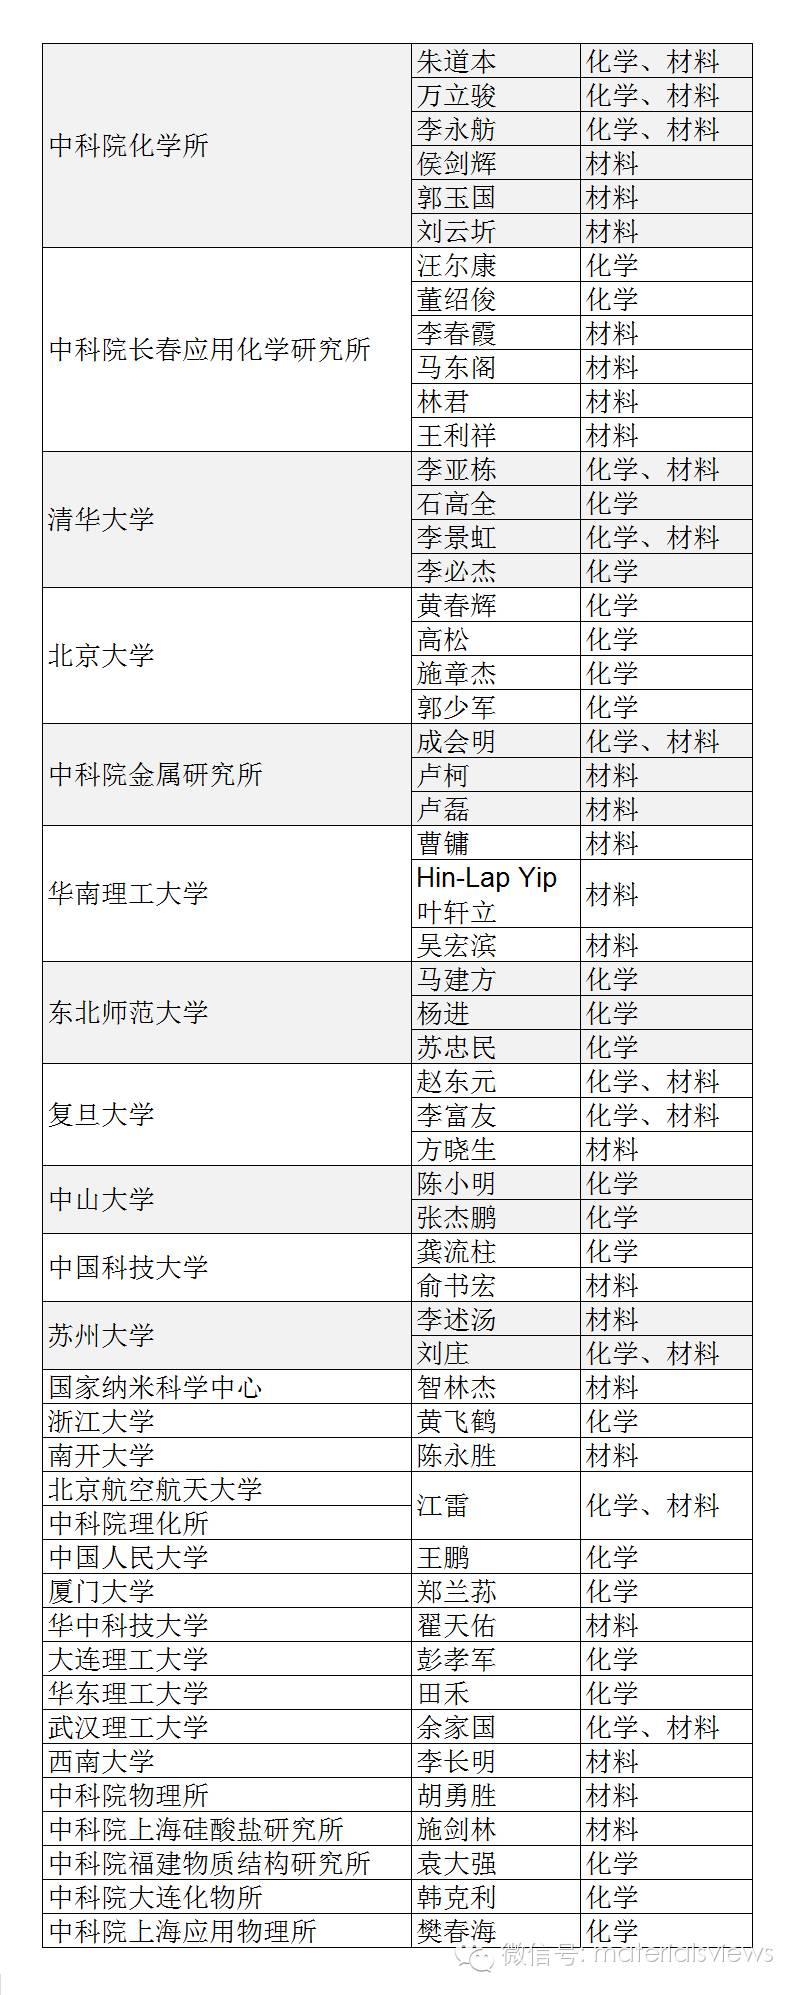 2015年高被引华人科学家名单(化学与材料方向)【修订】